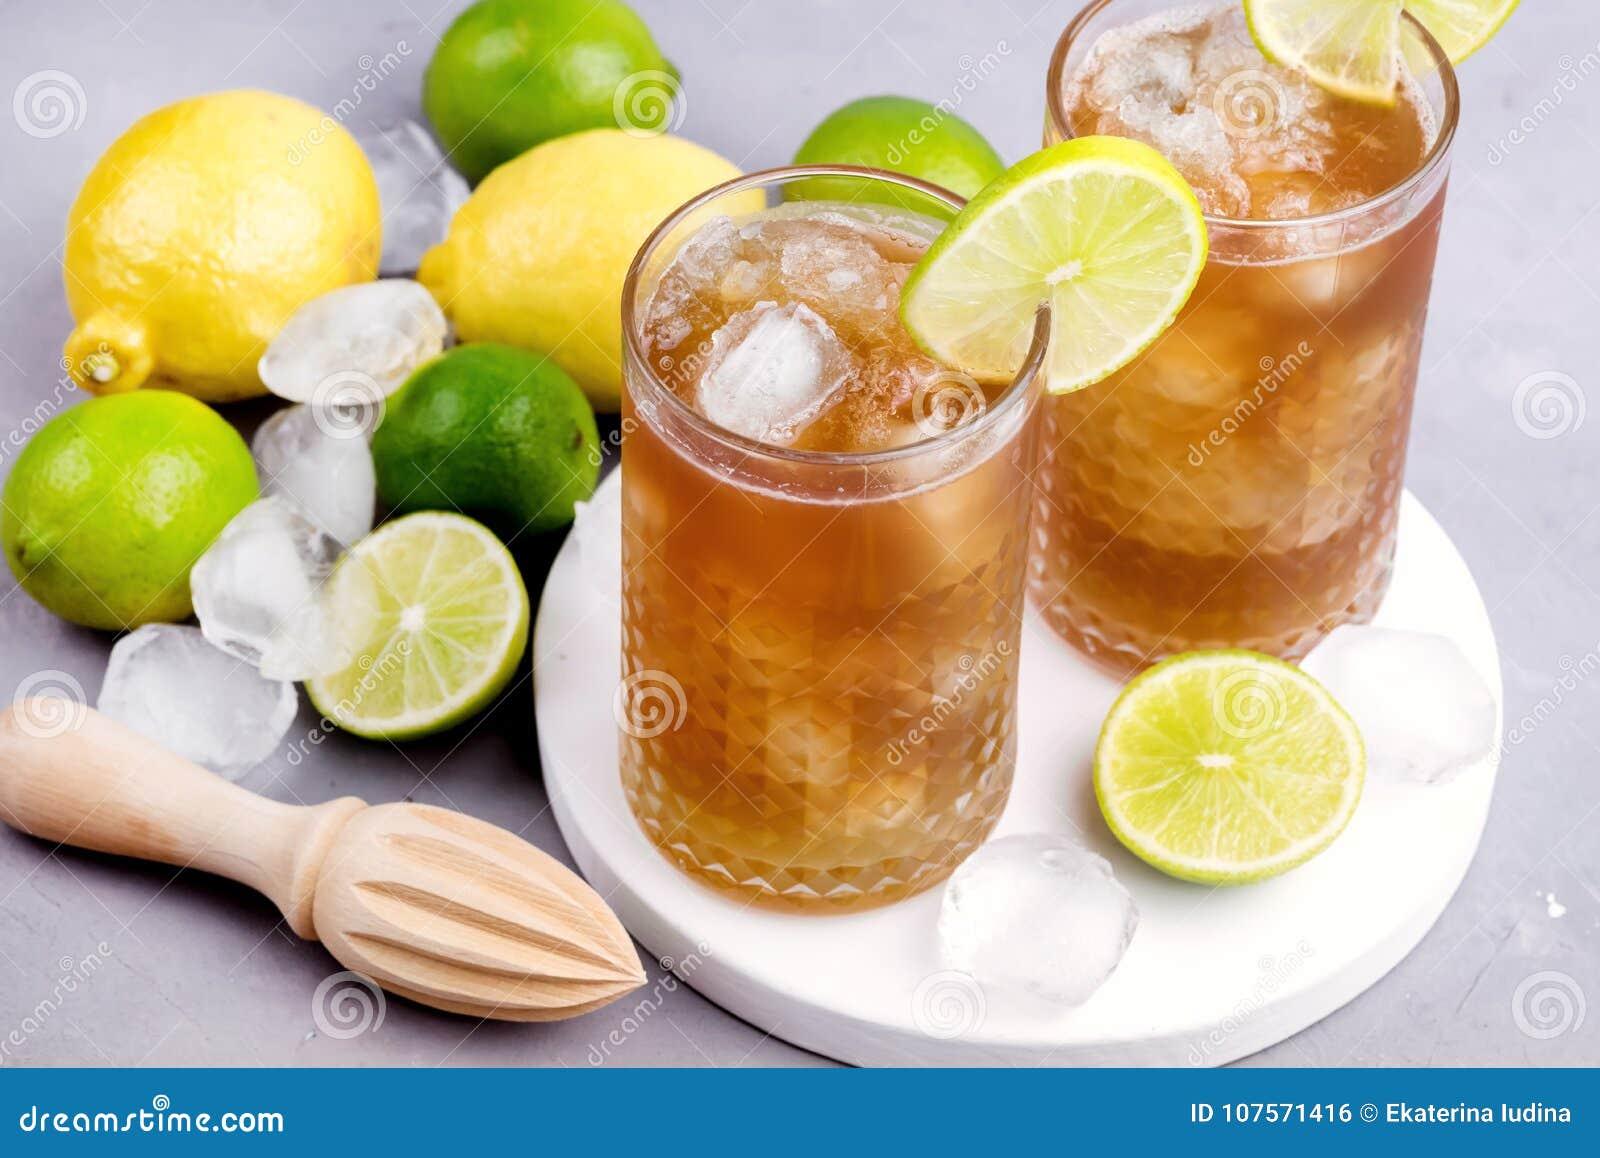 Exponeringsglas av Tsasty iste med iskuber och träpress för citrus förkylningSumm-hm dryck och rå citroner och limefrukter på bak